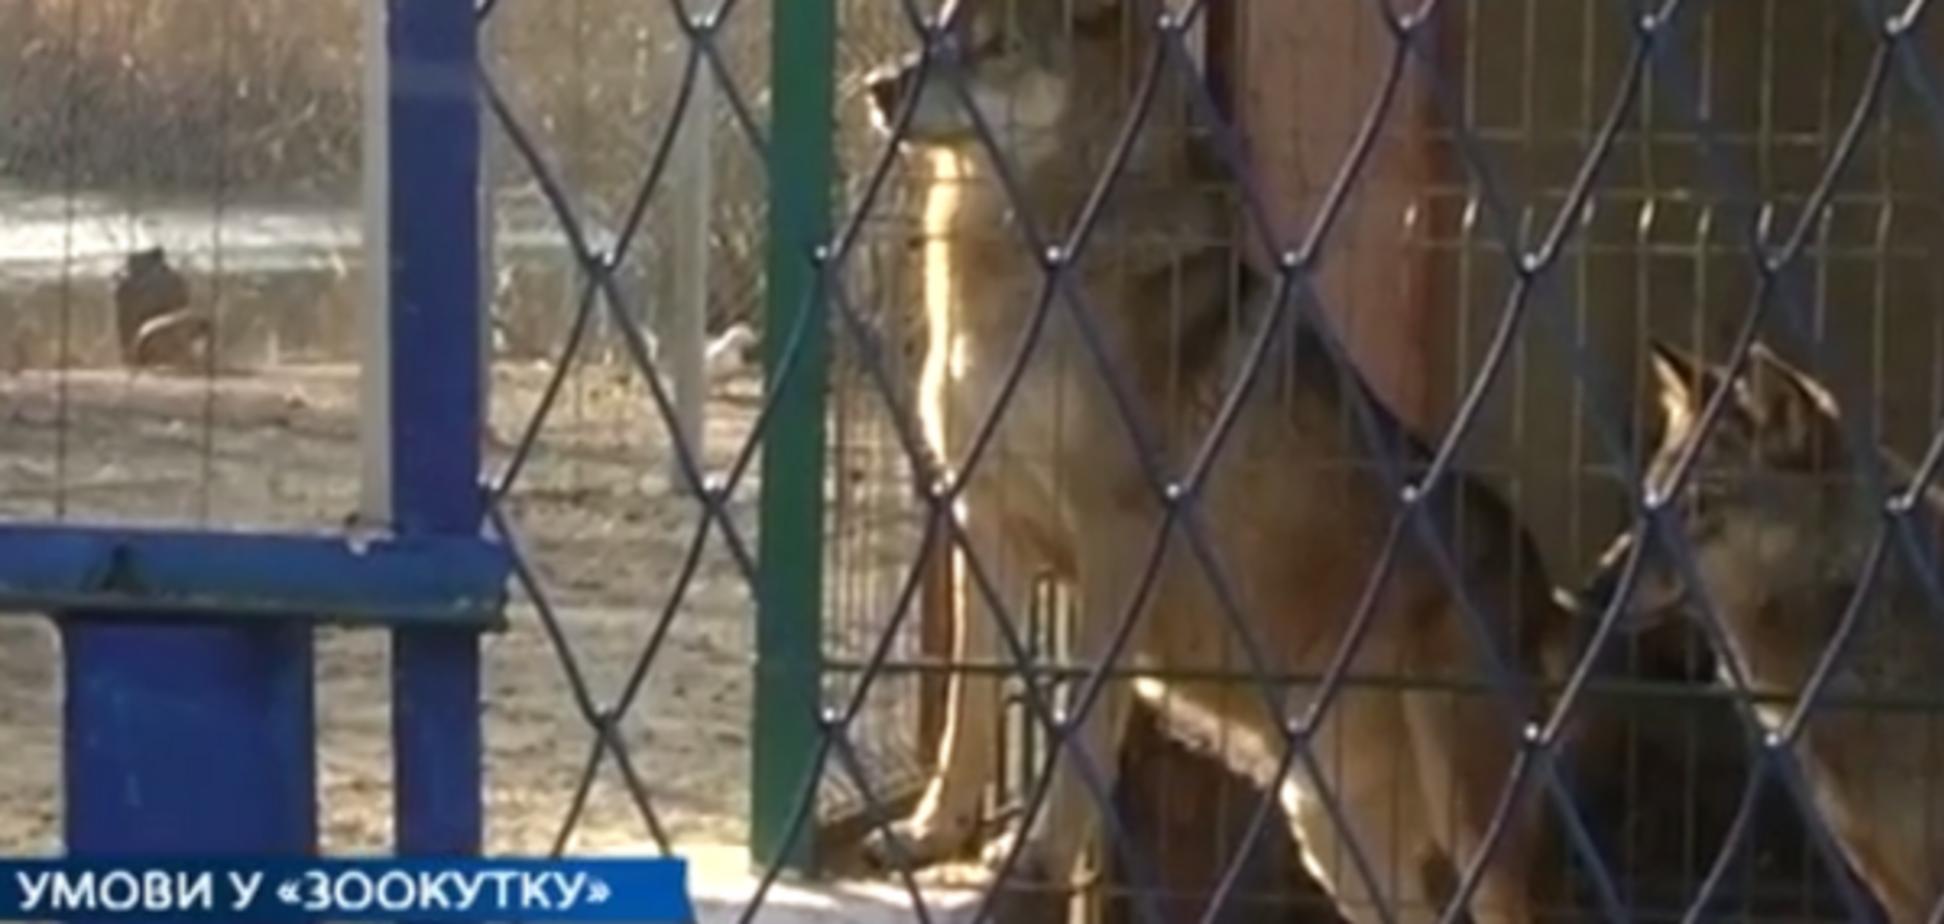 условия содержания животных в зооуголке